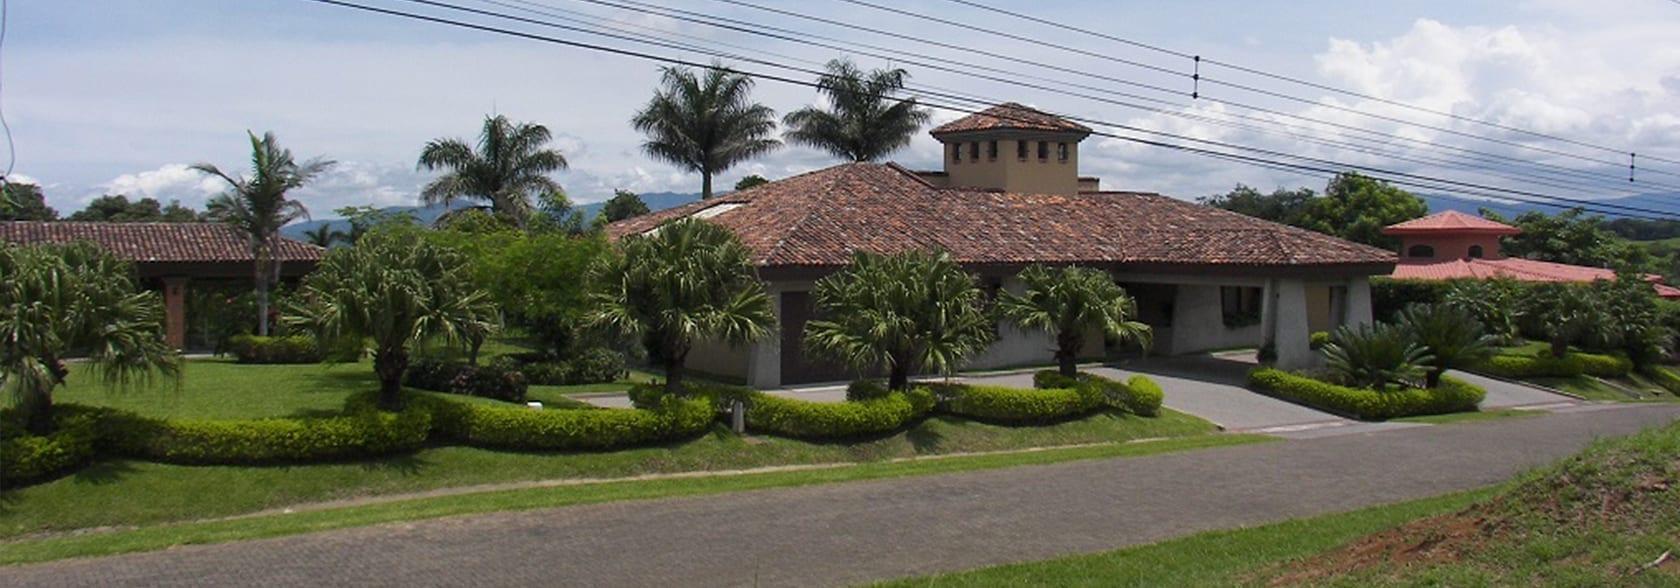 Propiedades en Costa Rica